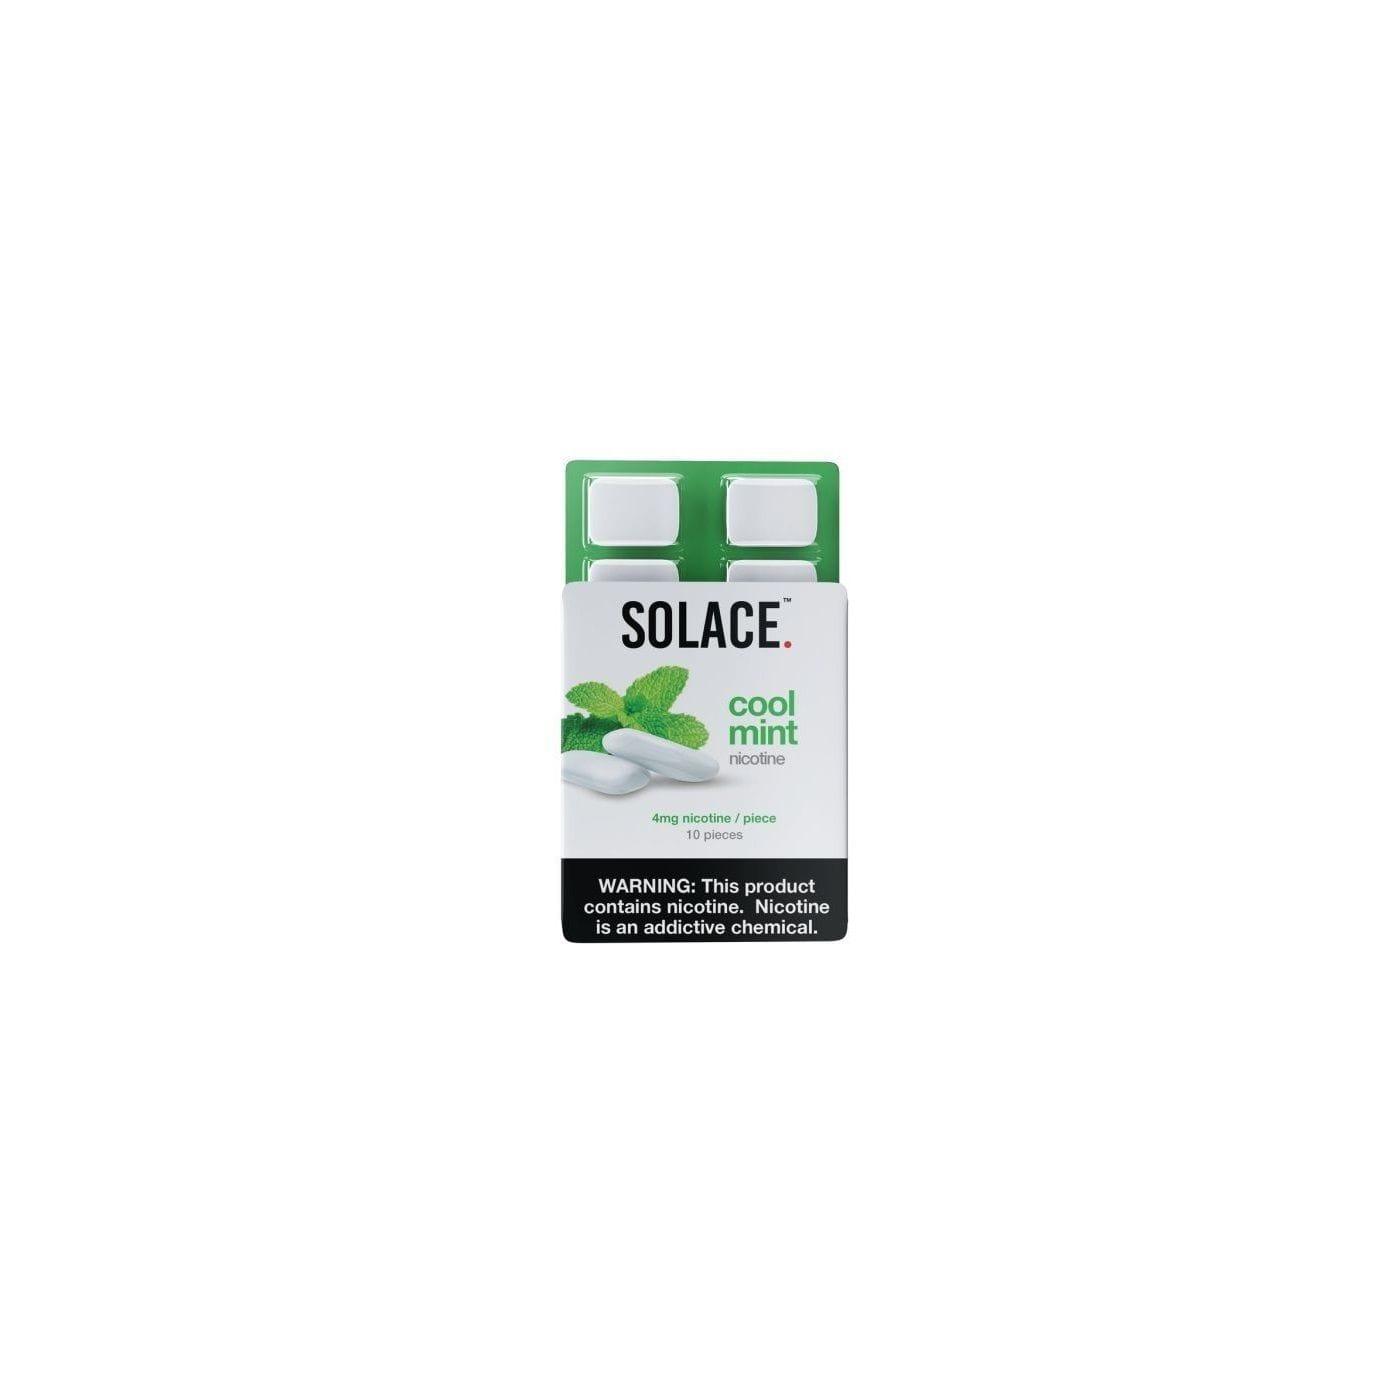 Solace Chew Mint - 1 Pack (10 pcs)